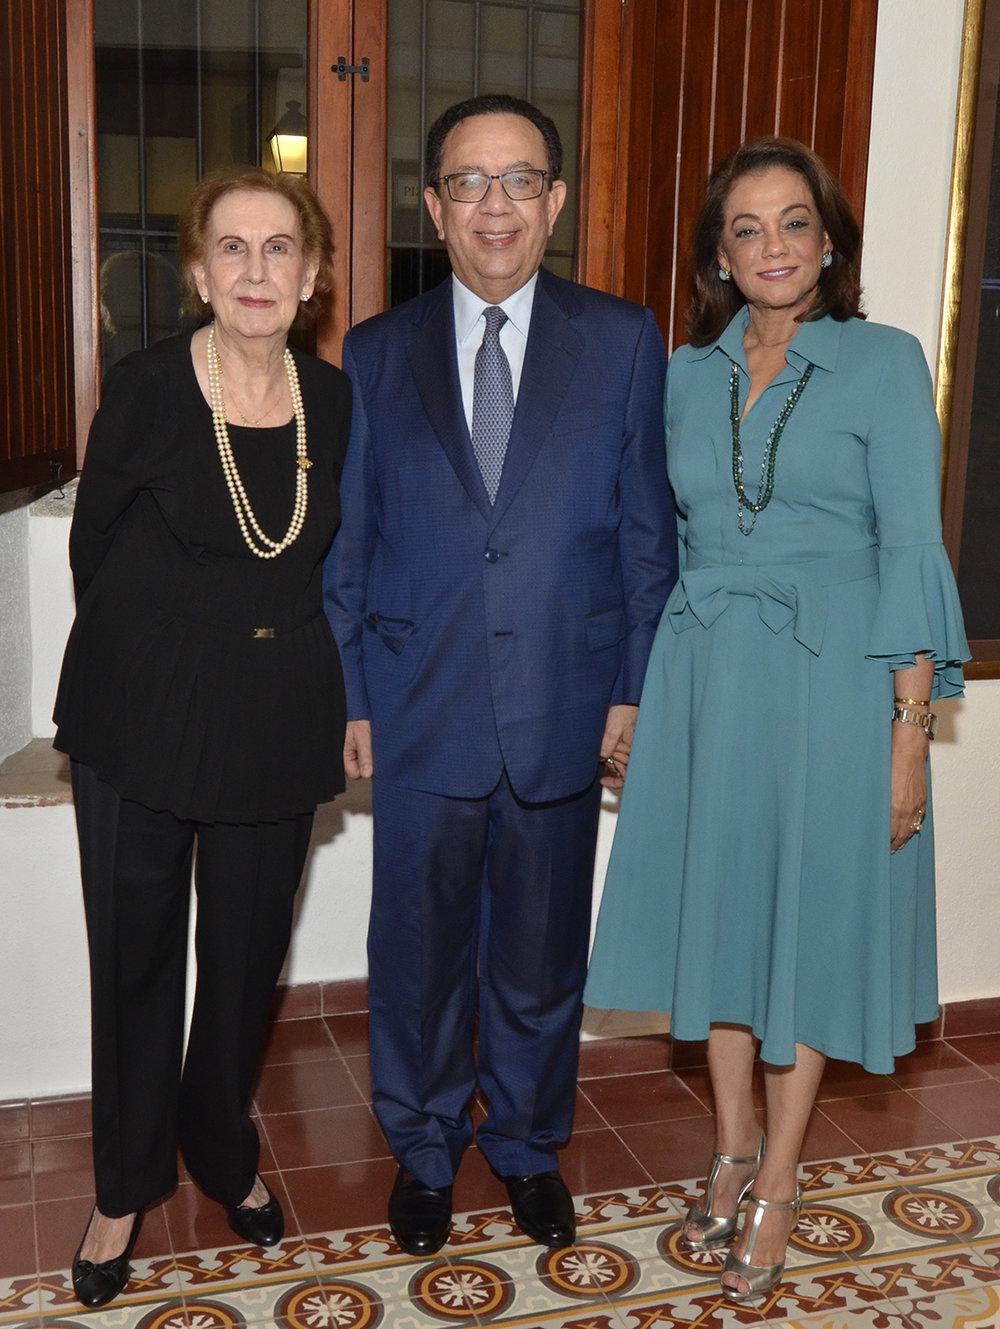 Foto 1 Elsa de Hazoury, Hector Valdez Albizu y  Fior de Valdez.JPG